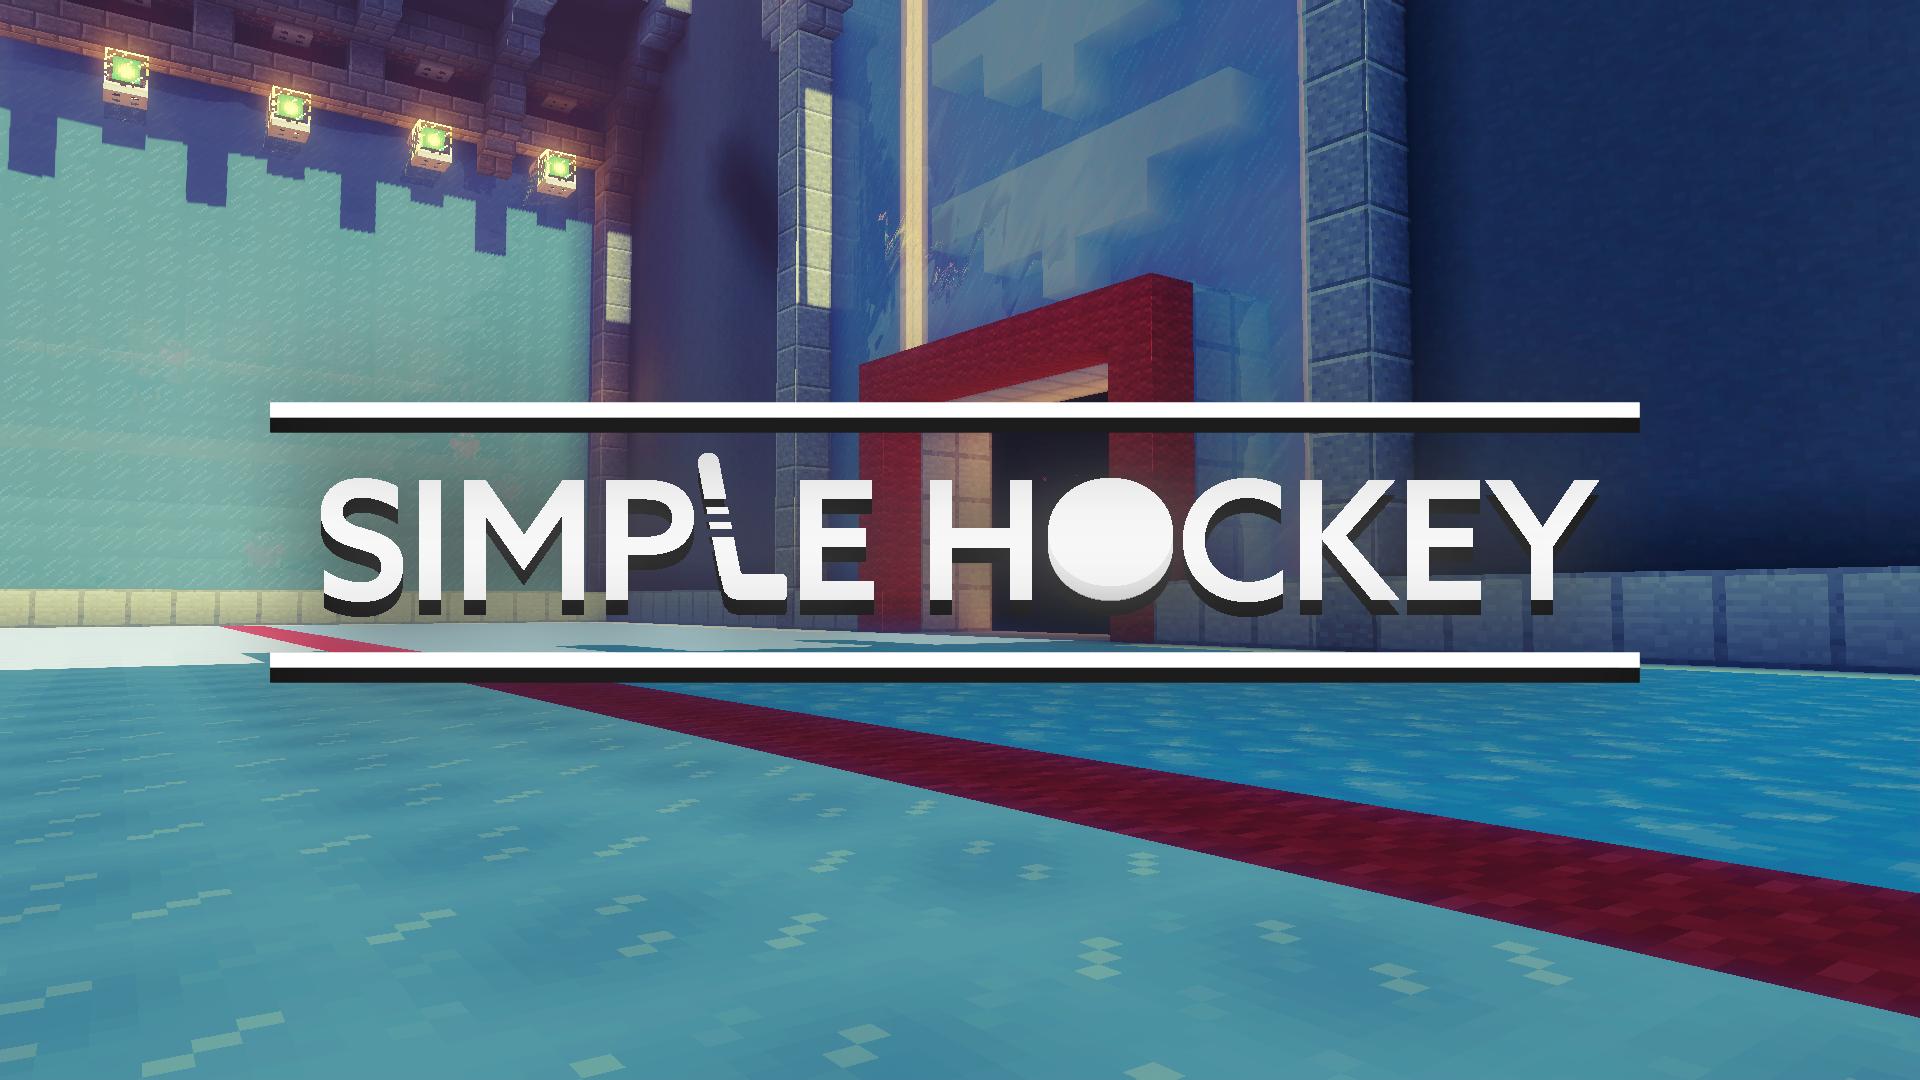 Simple Hockey